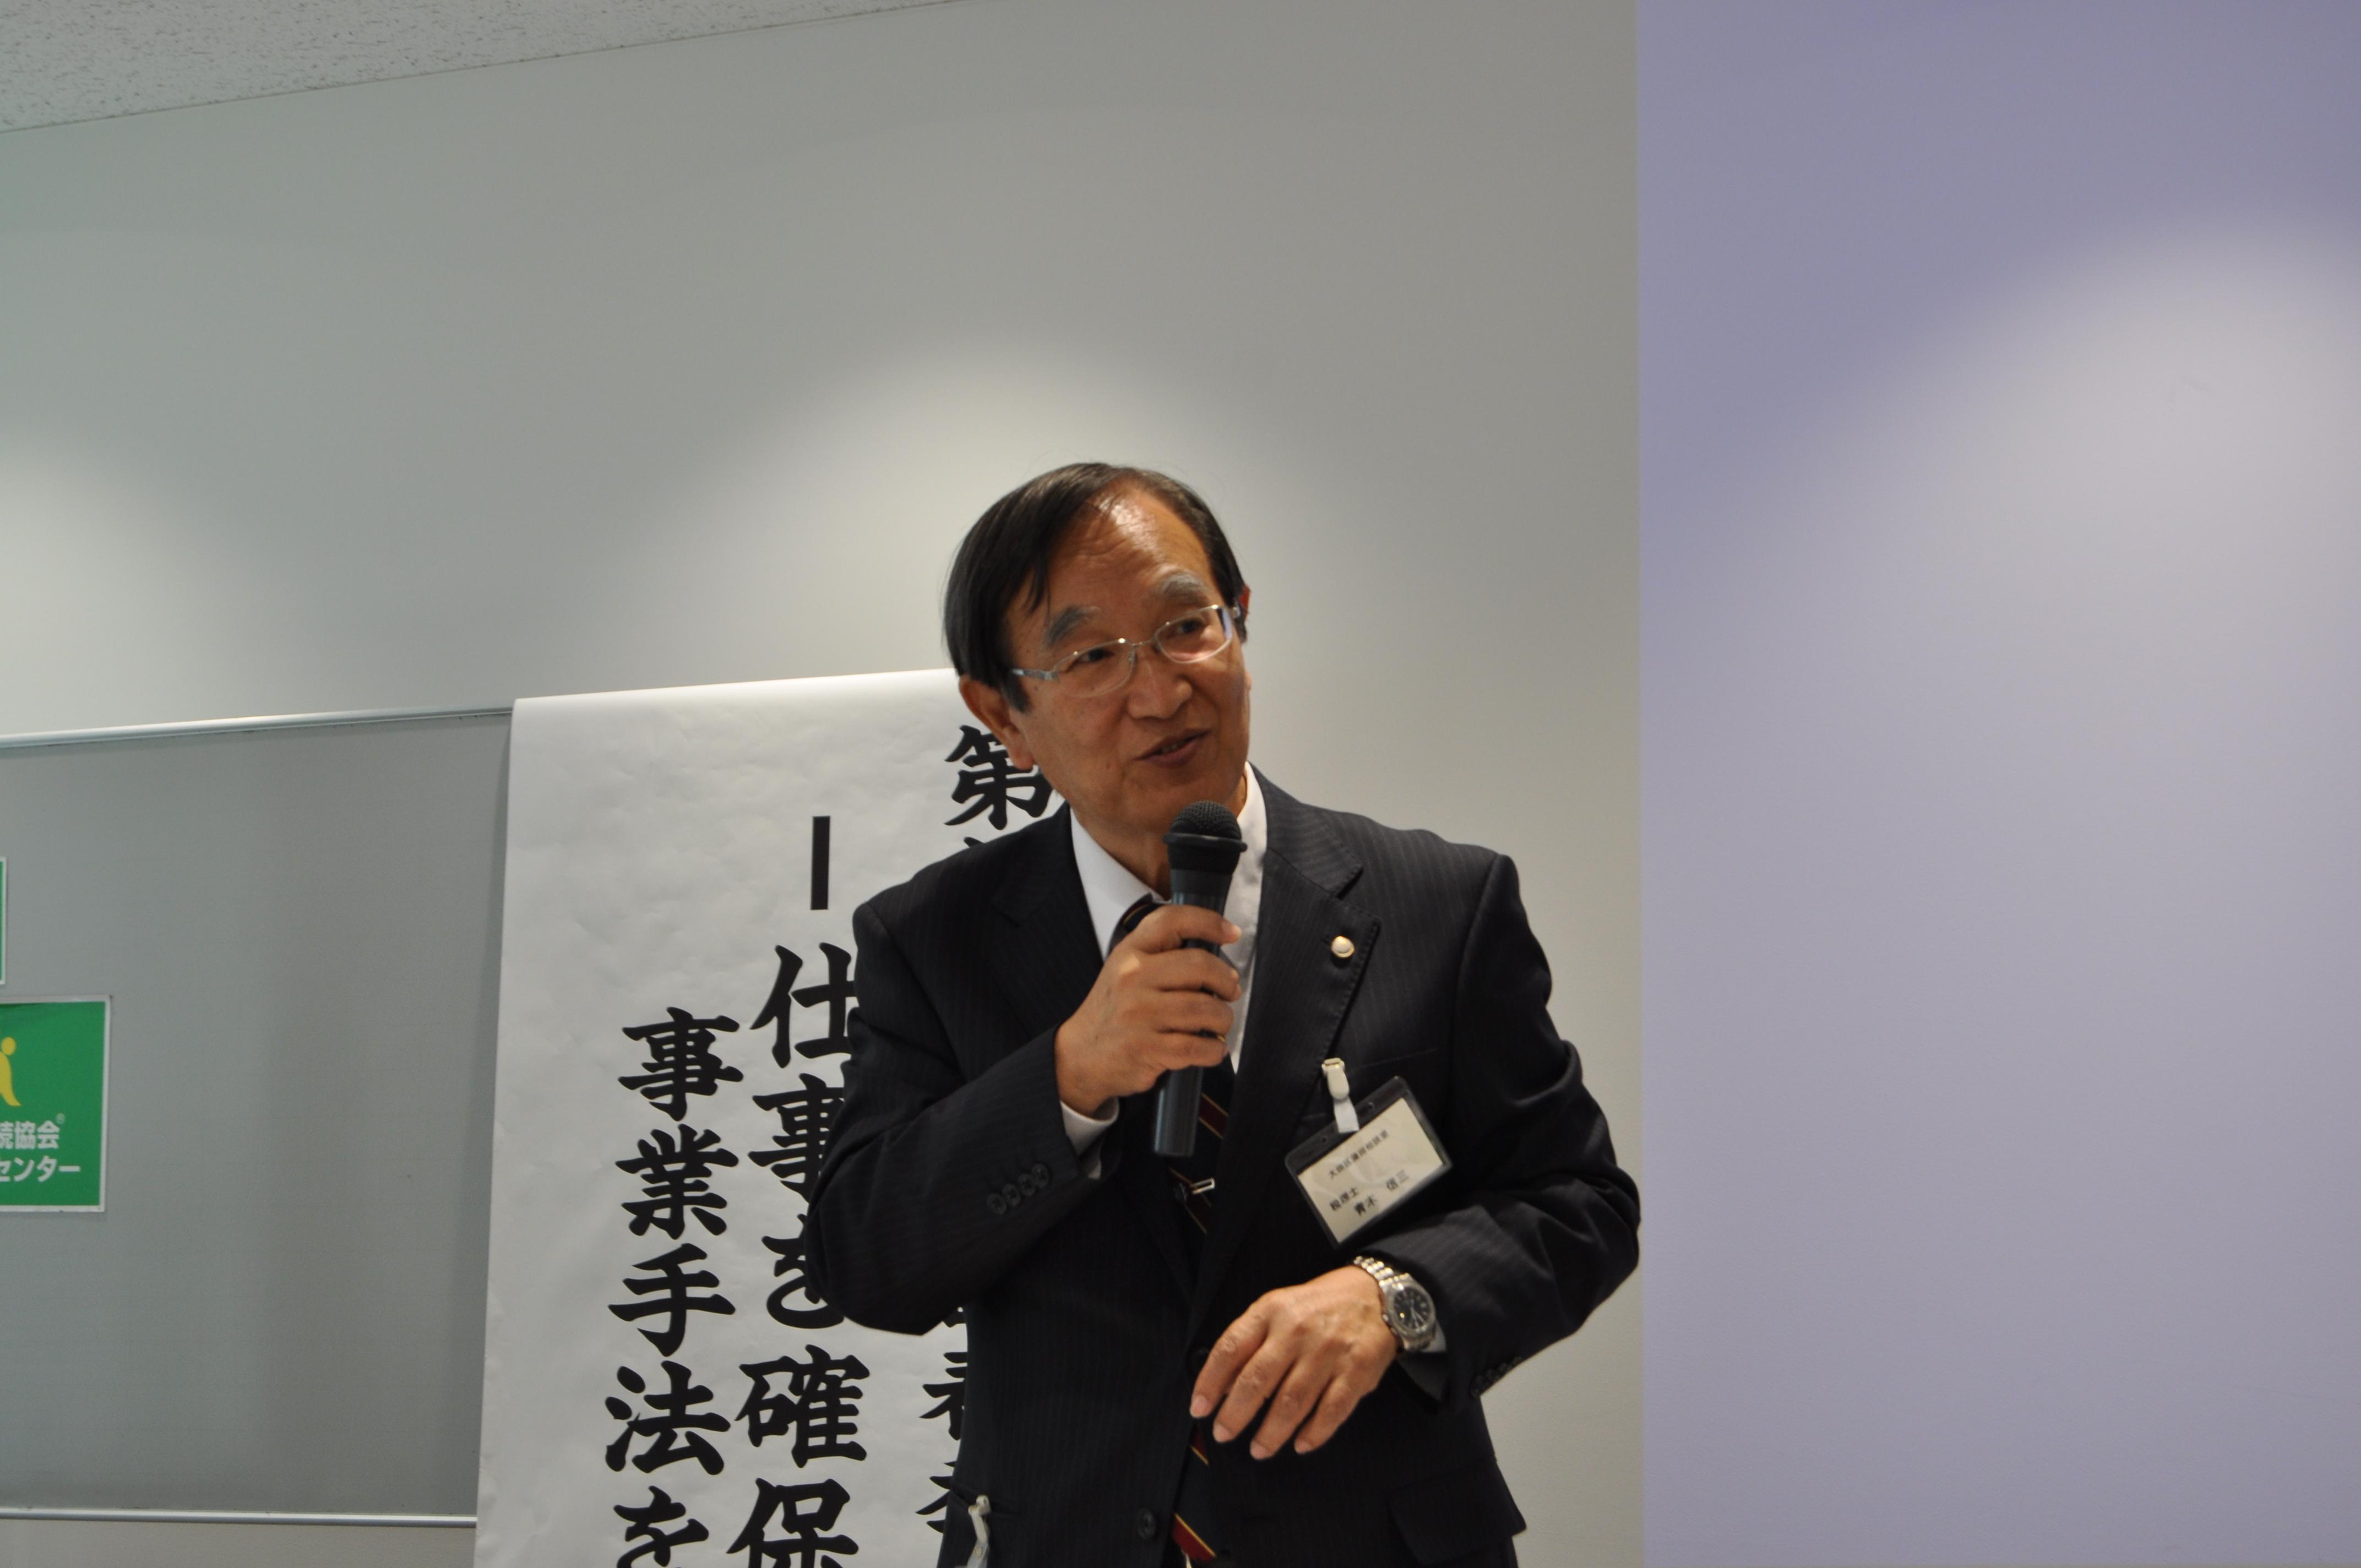 司会 青木信三先生